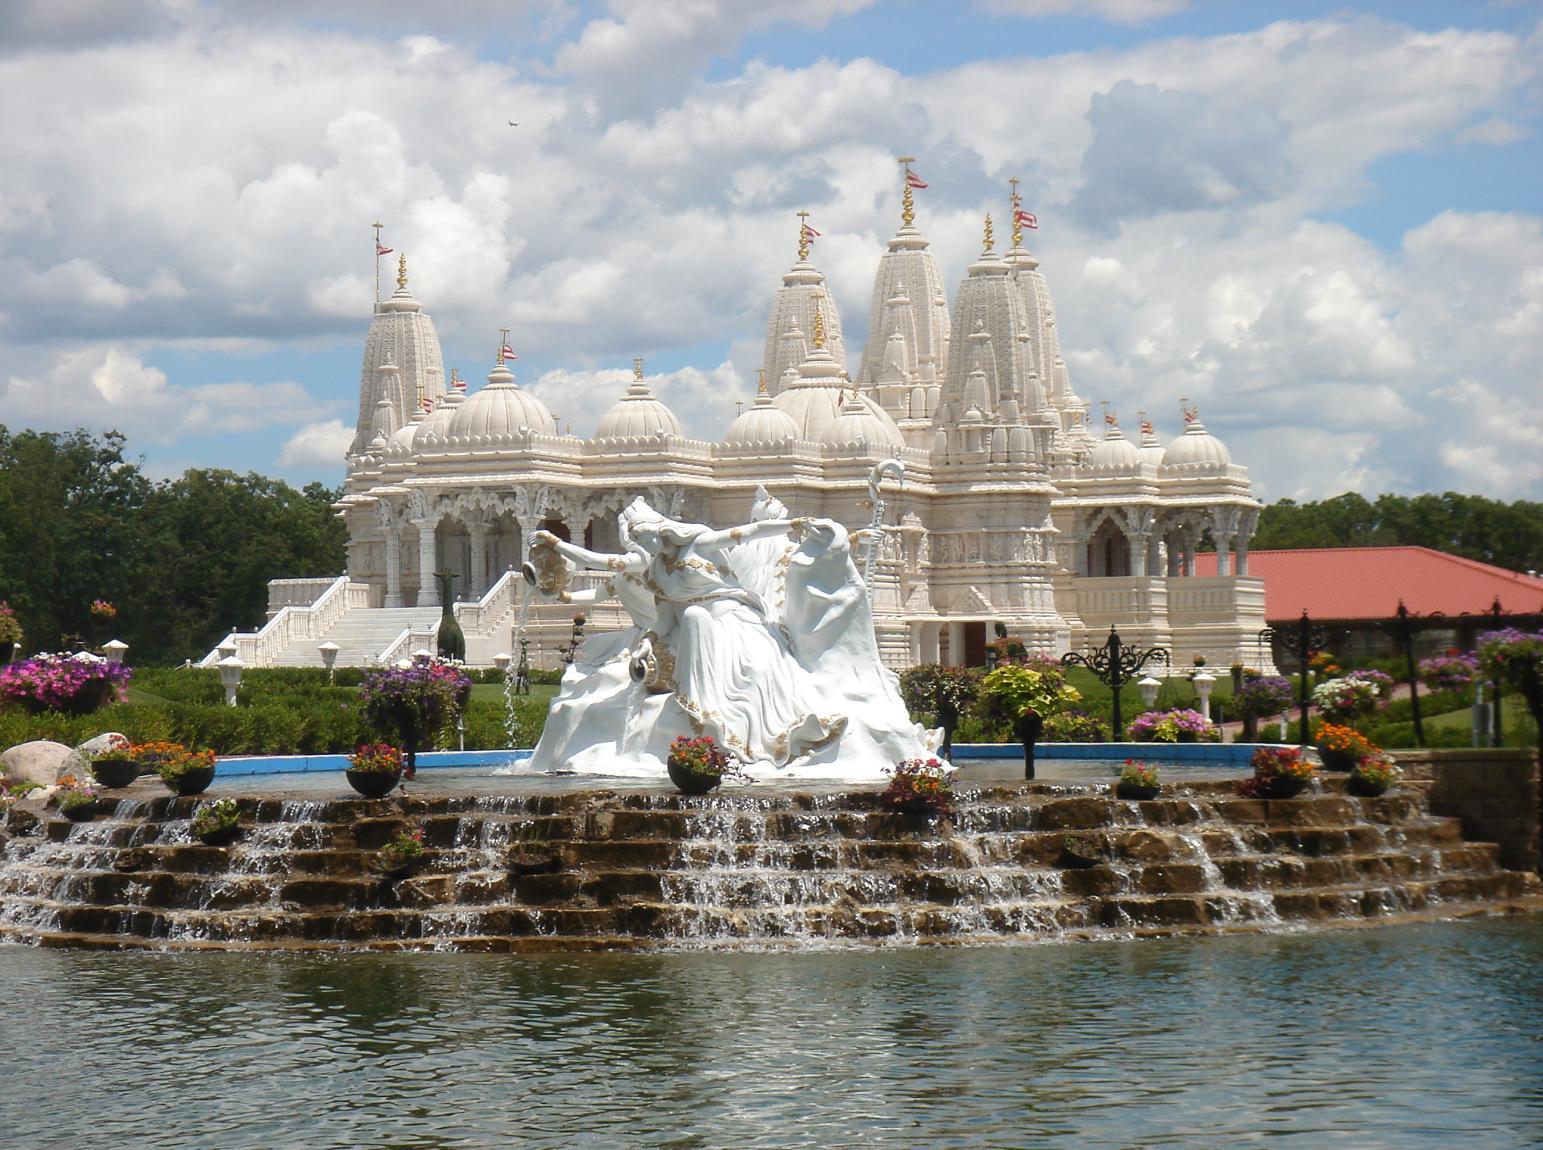 BAPS Shri Swaminarayan Mandir, Barlett